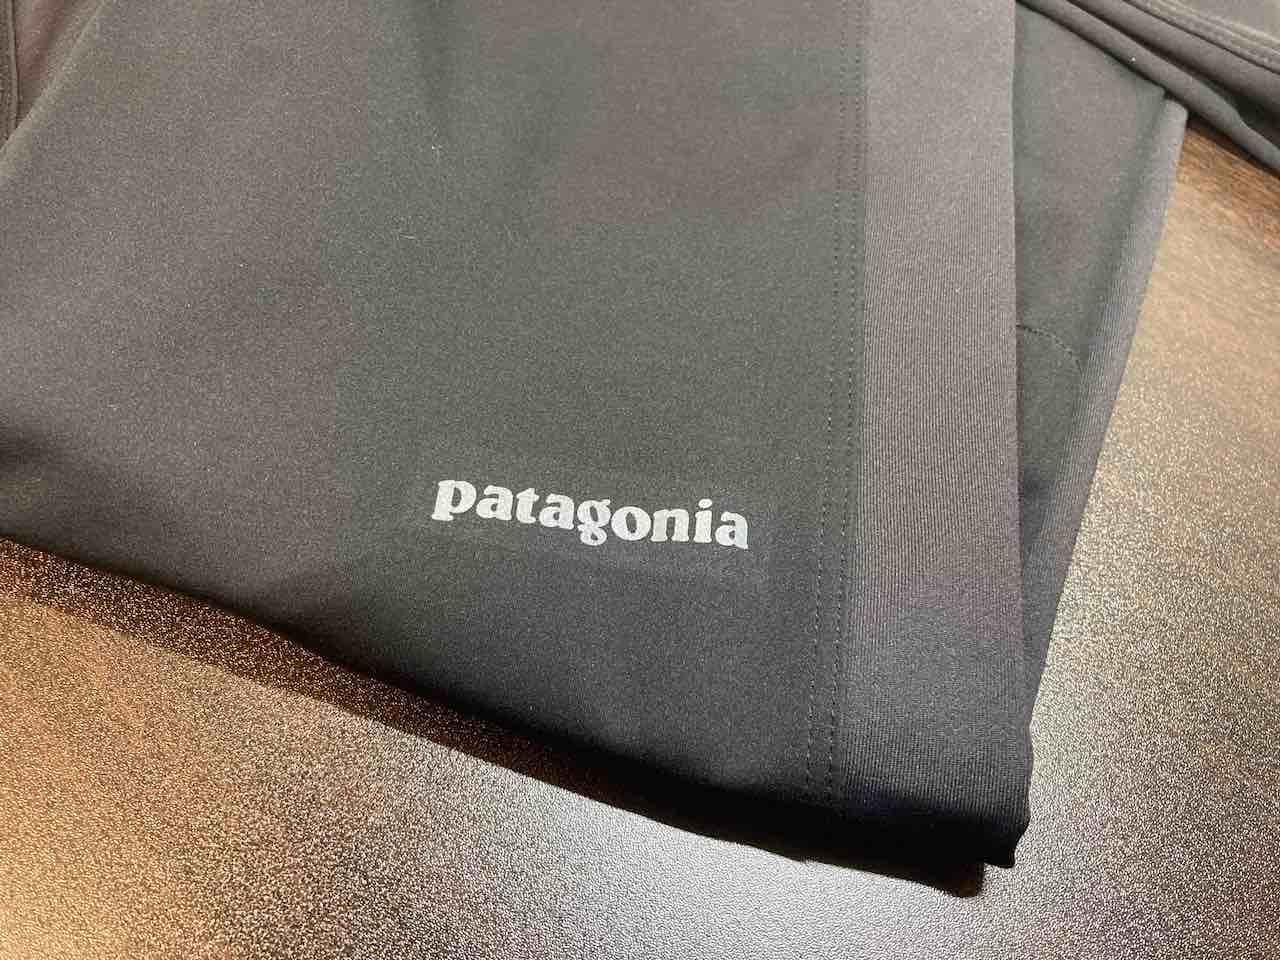 パタゴニア・ウインドシールドパンツ